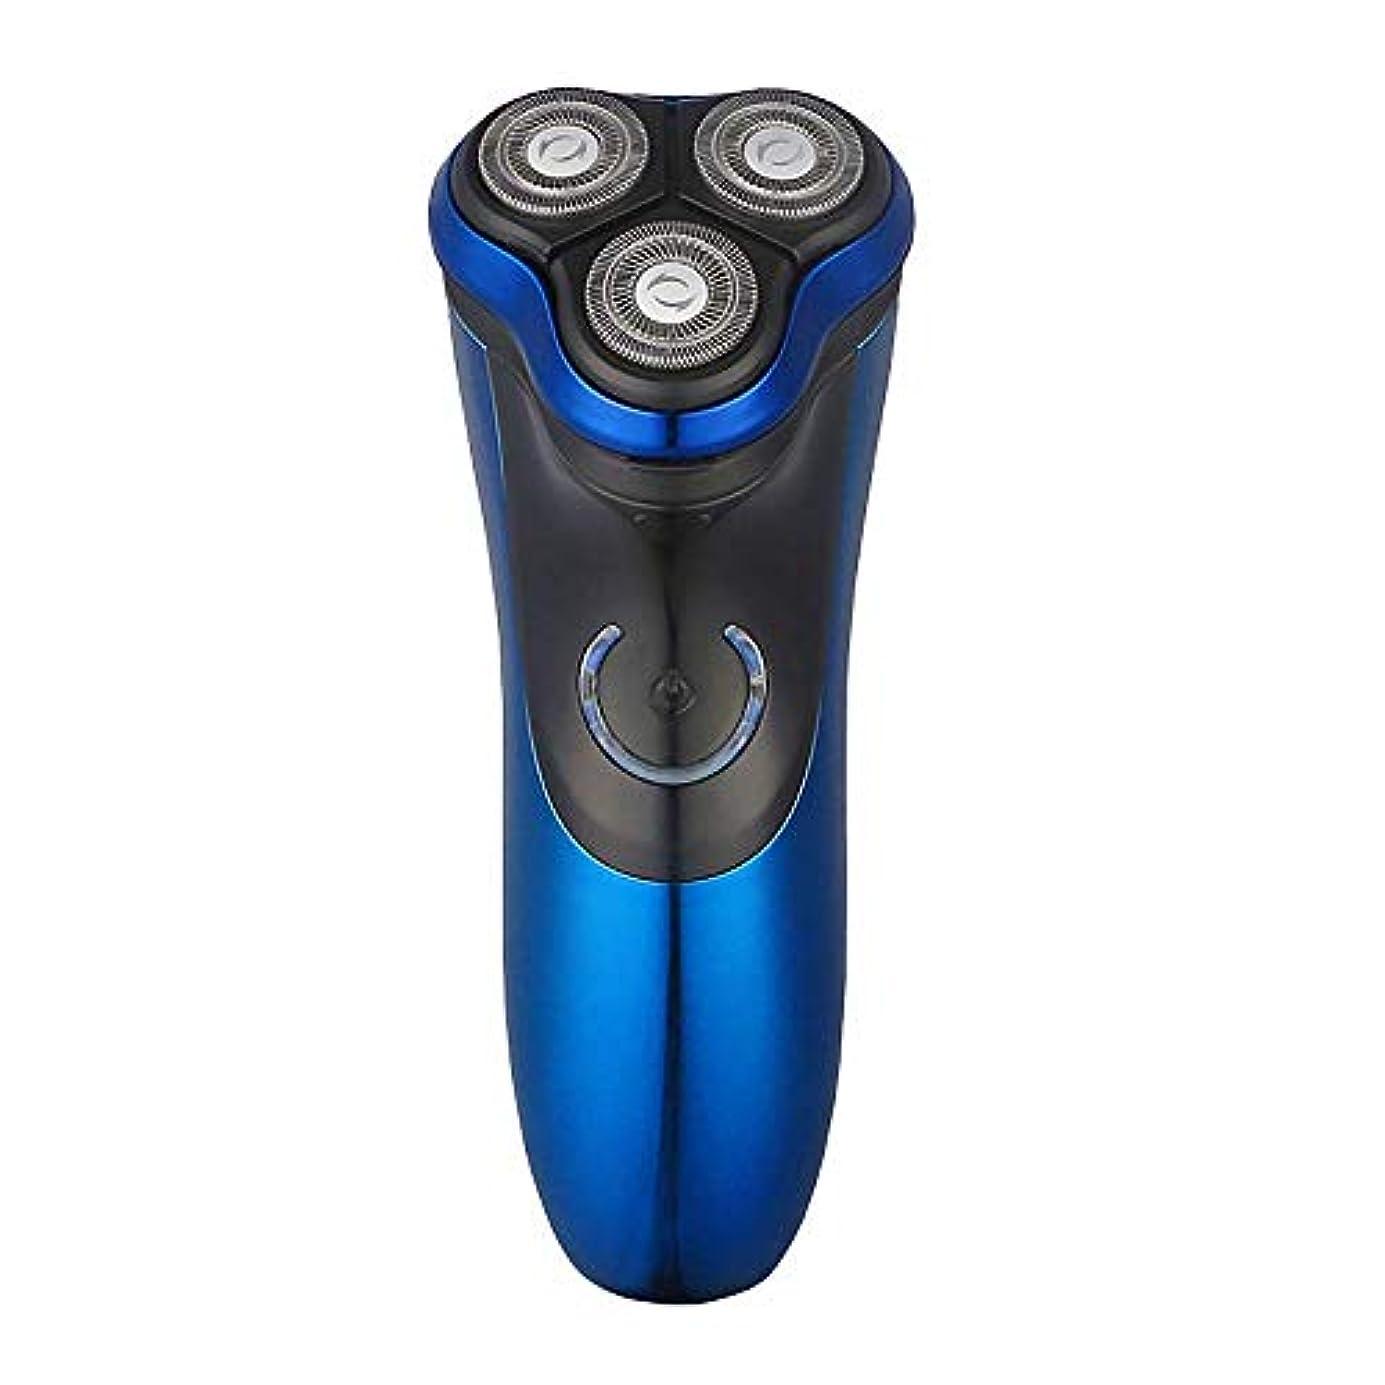 確実壮大スロベニアメンズロータリーシェーバーポップアップトリマー付き電気シェービングカミソリ3Dフローティングヘッドワイヤレス使用男性用シェービングマシン防水コードレス充電式